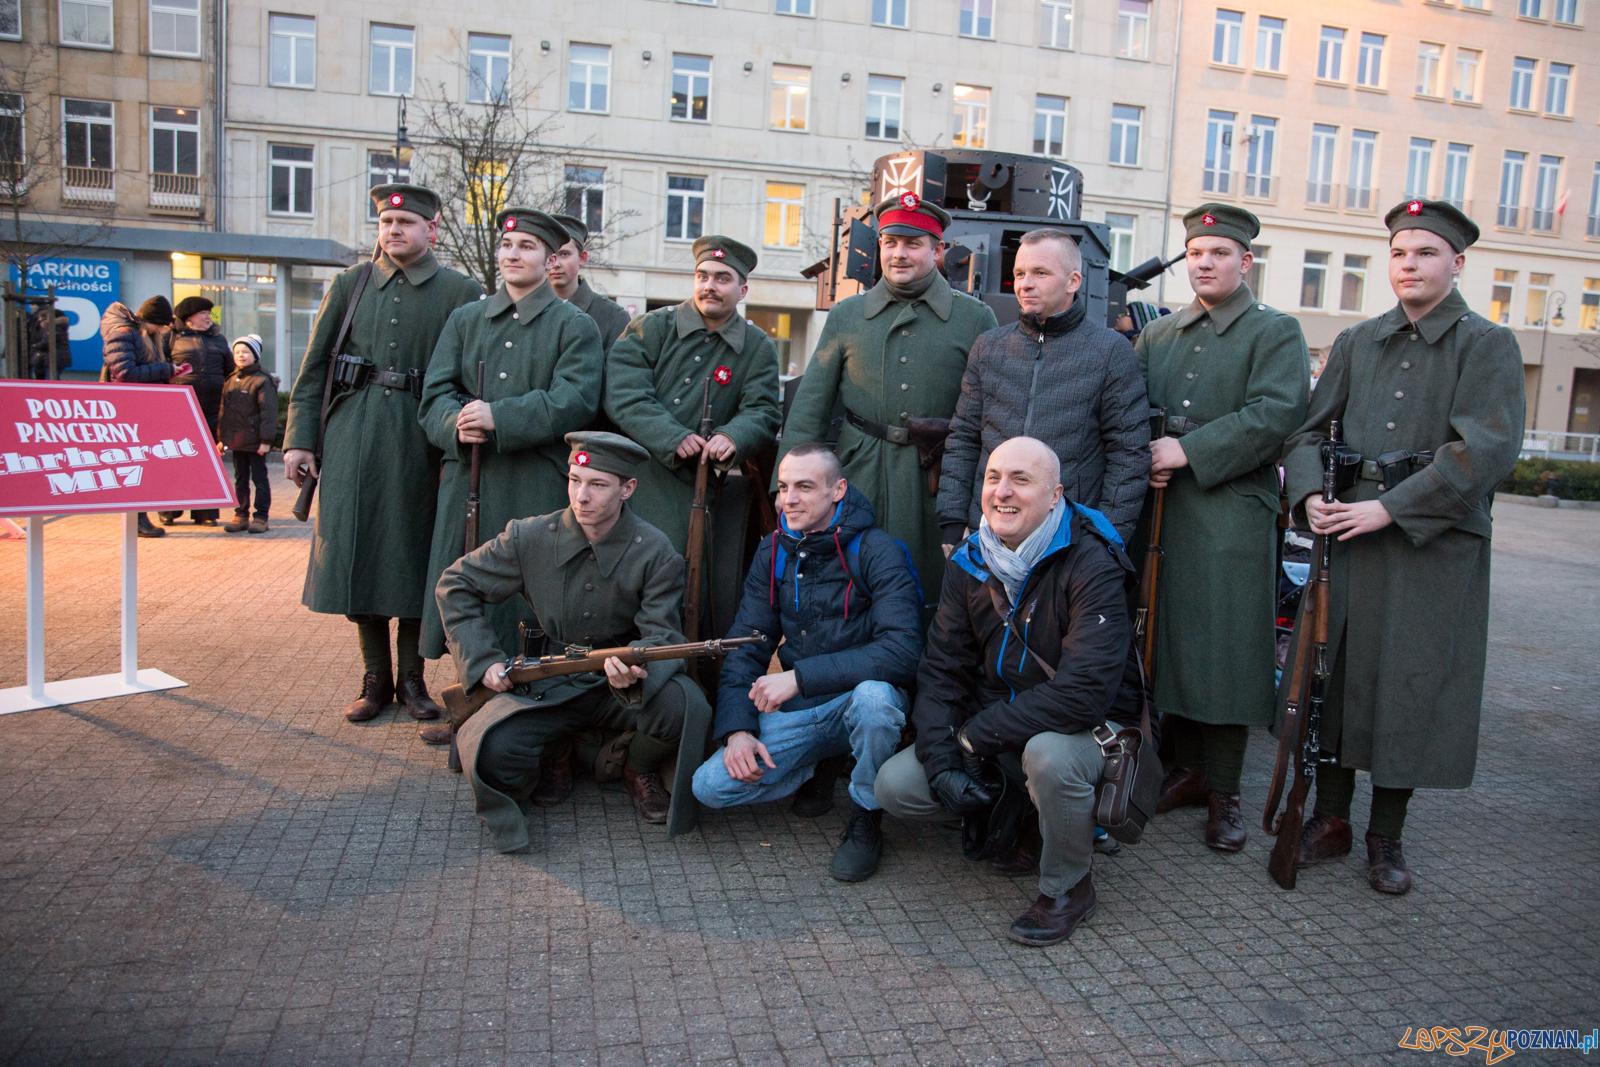 Obchody 99-lecia wybuchu Powstania Wielkopolskiego (27.12.2017)  Foto: Karolina Kiraga